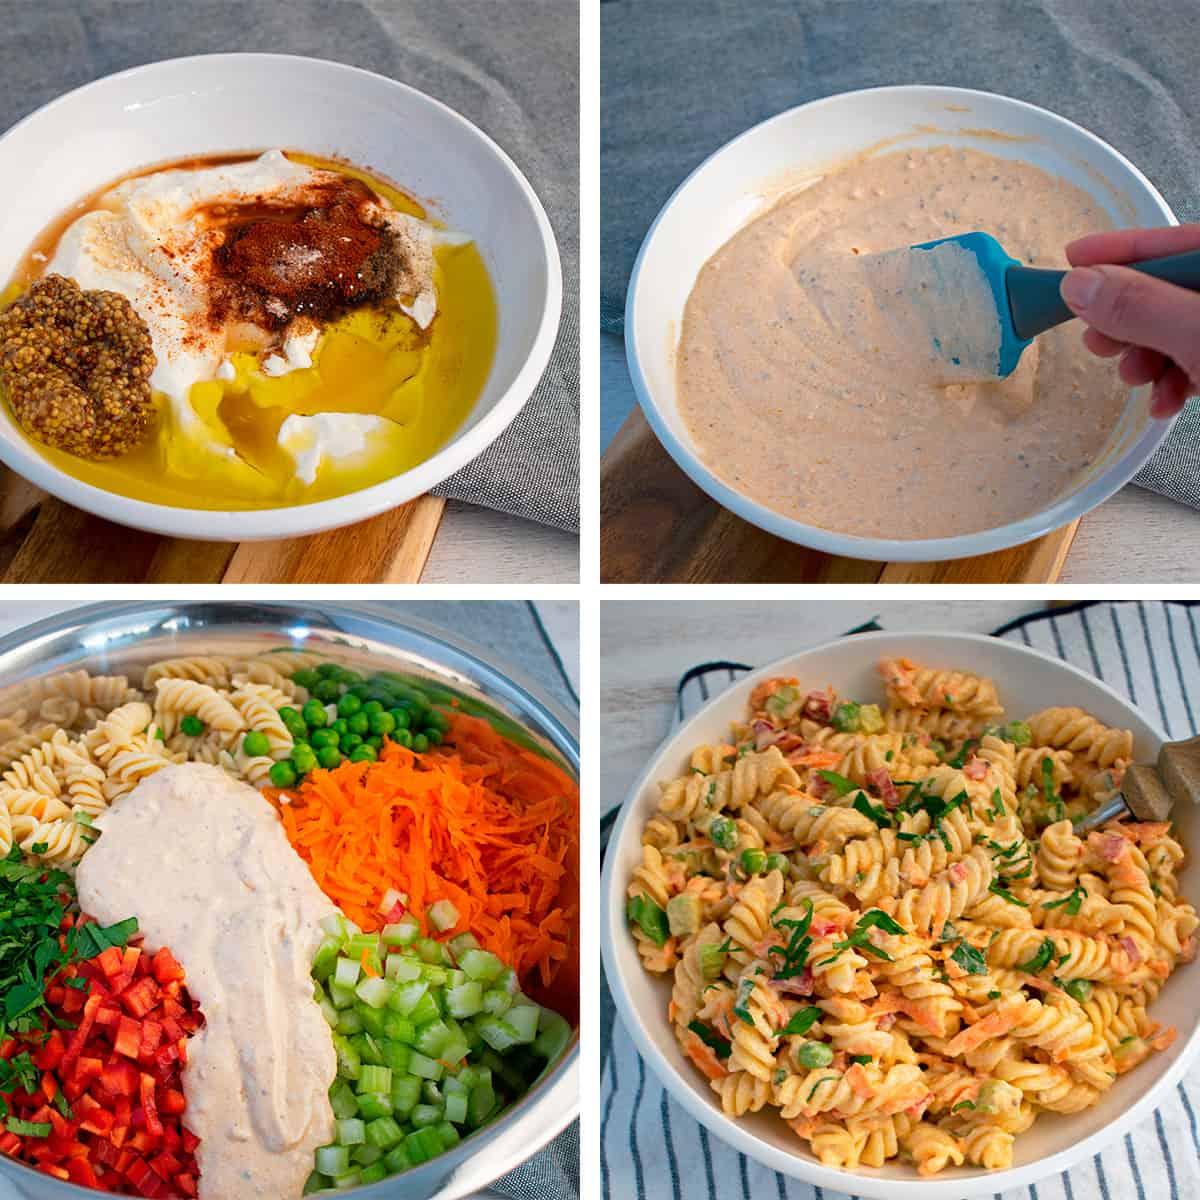 como preparar aderezo de yogur griego para una ensalada